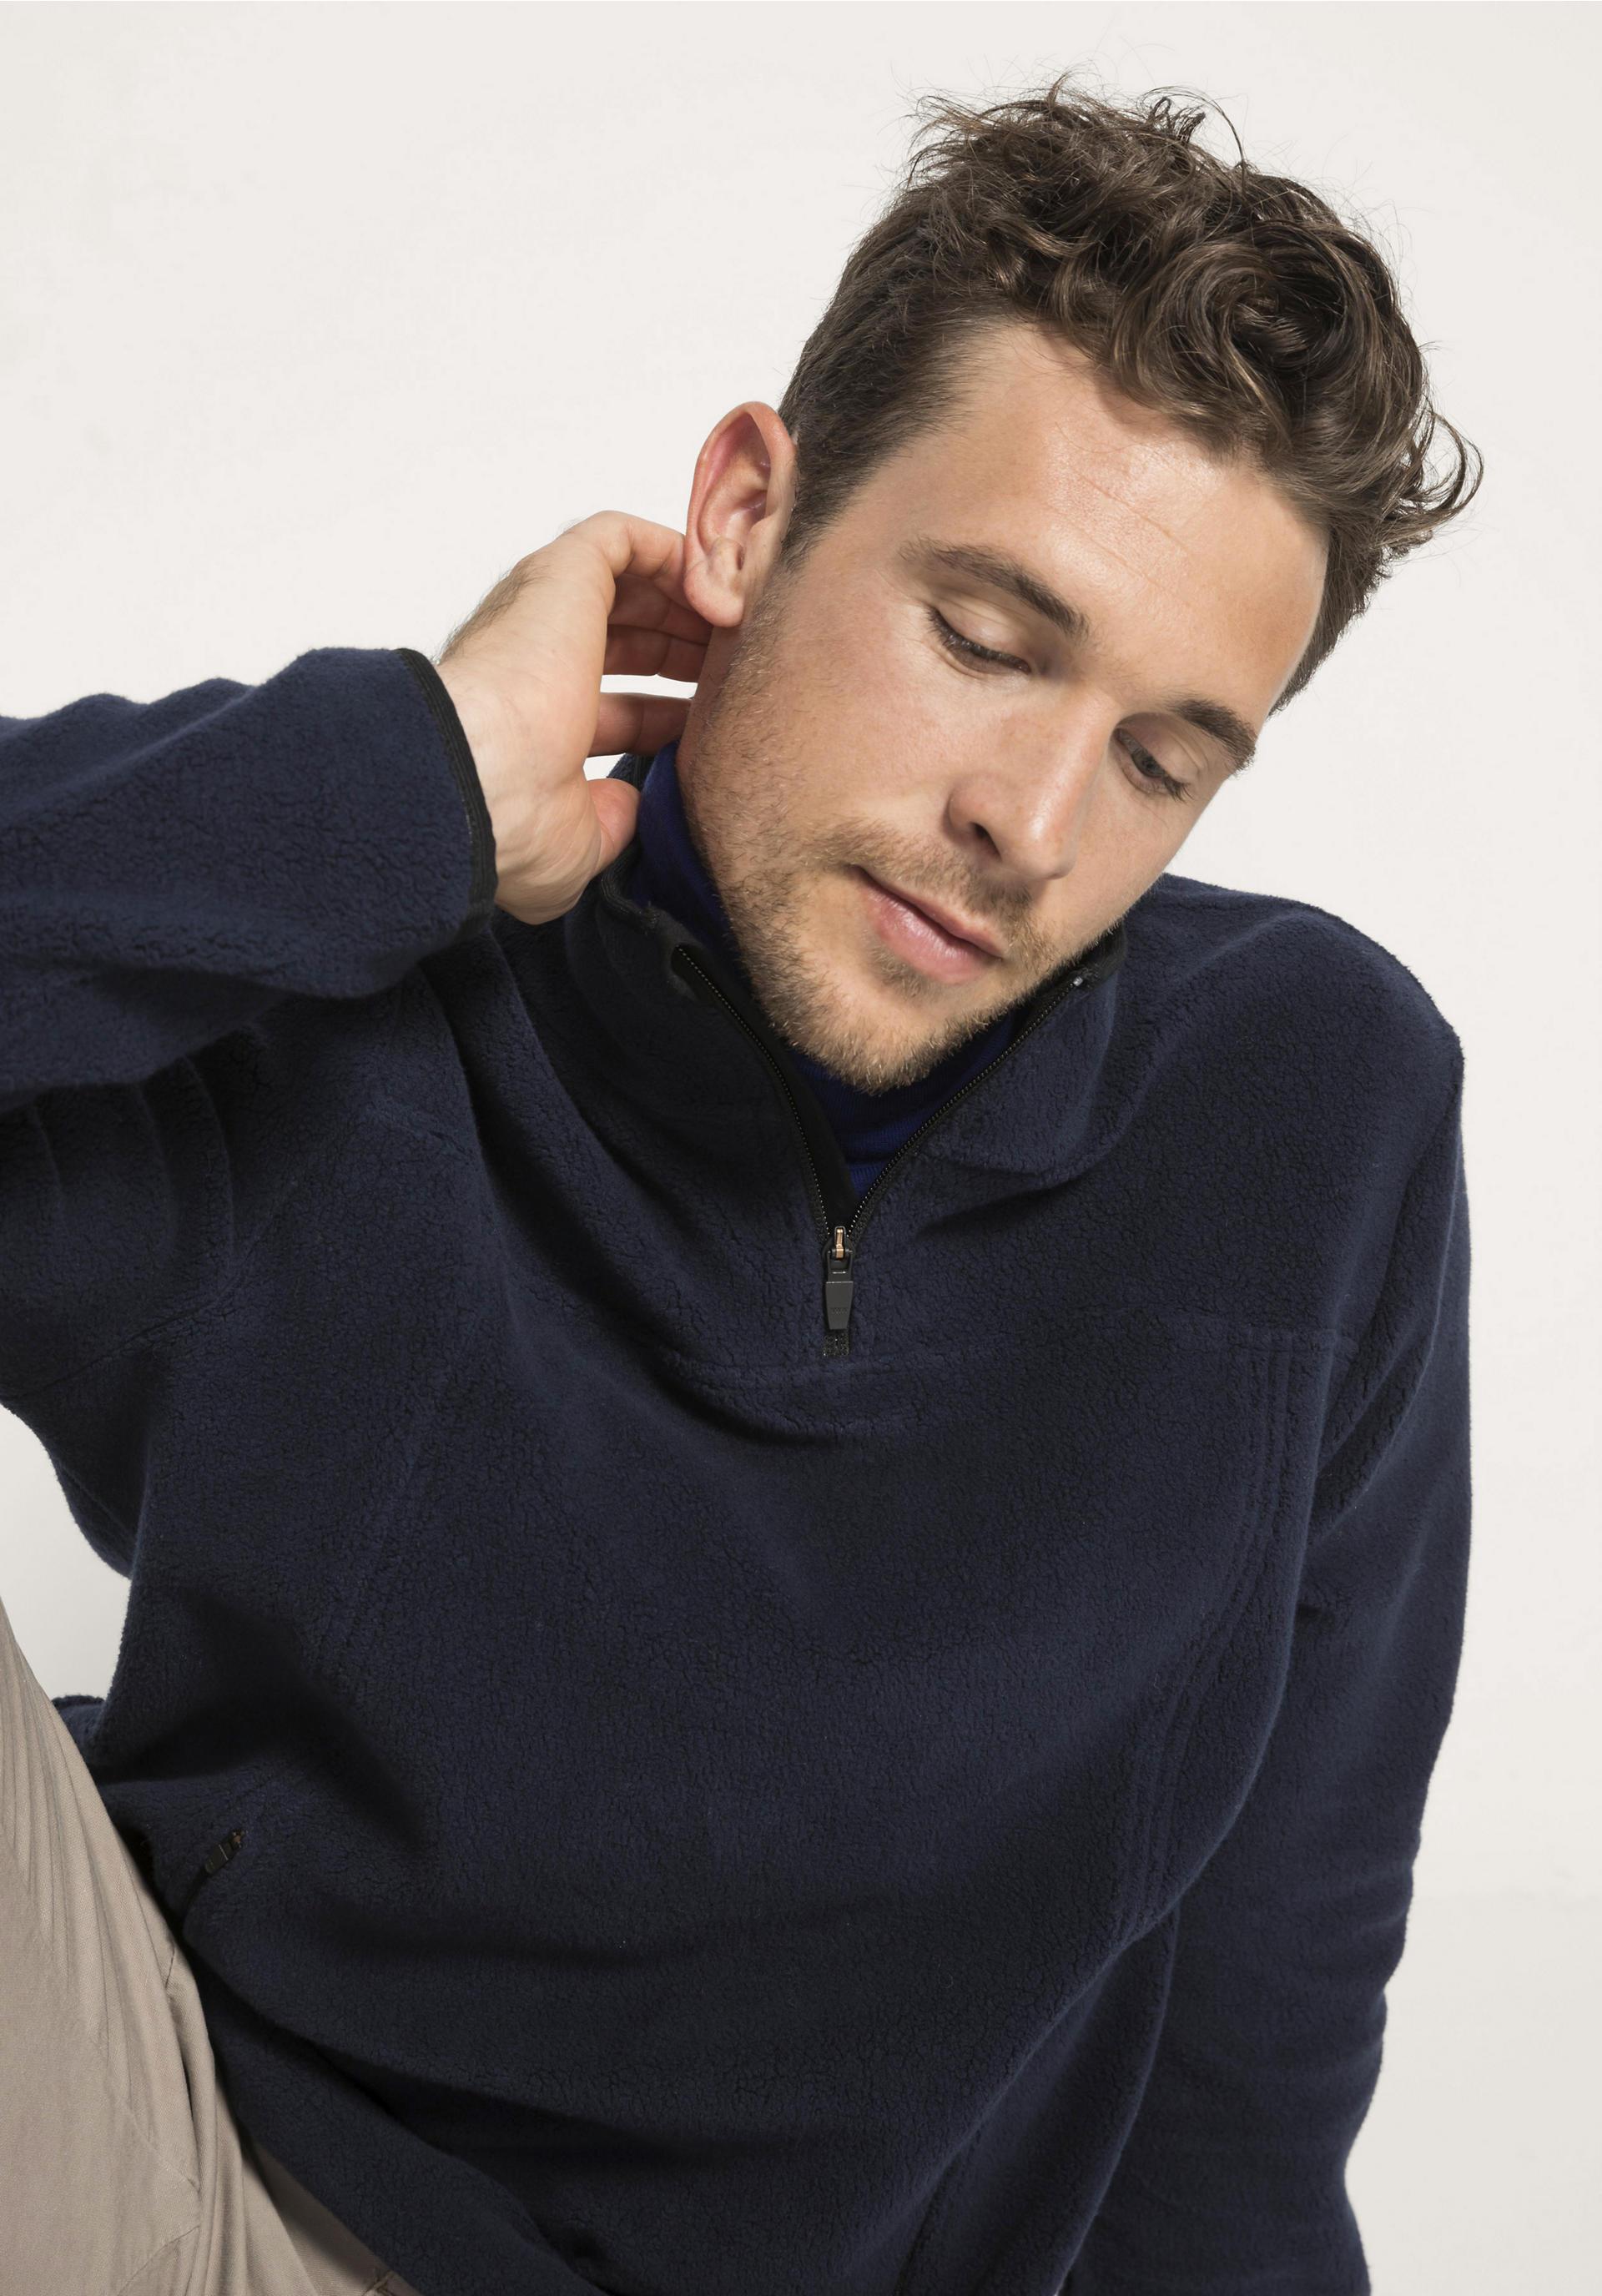 Heiß Hohe Soft & Beste Qualität Frauen Pullover 100% Reine